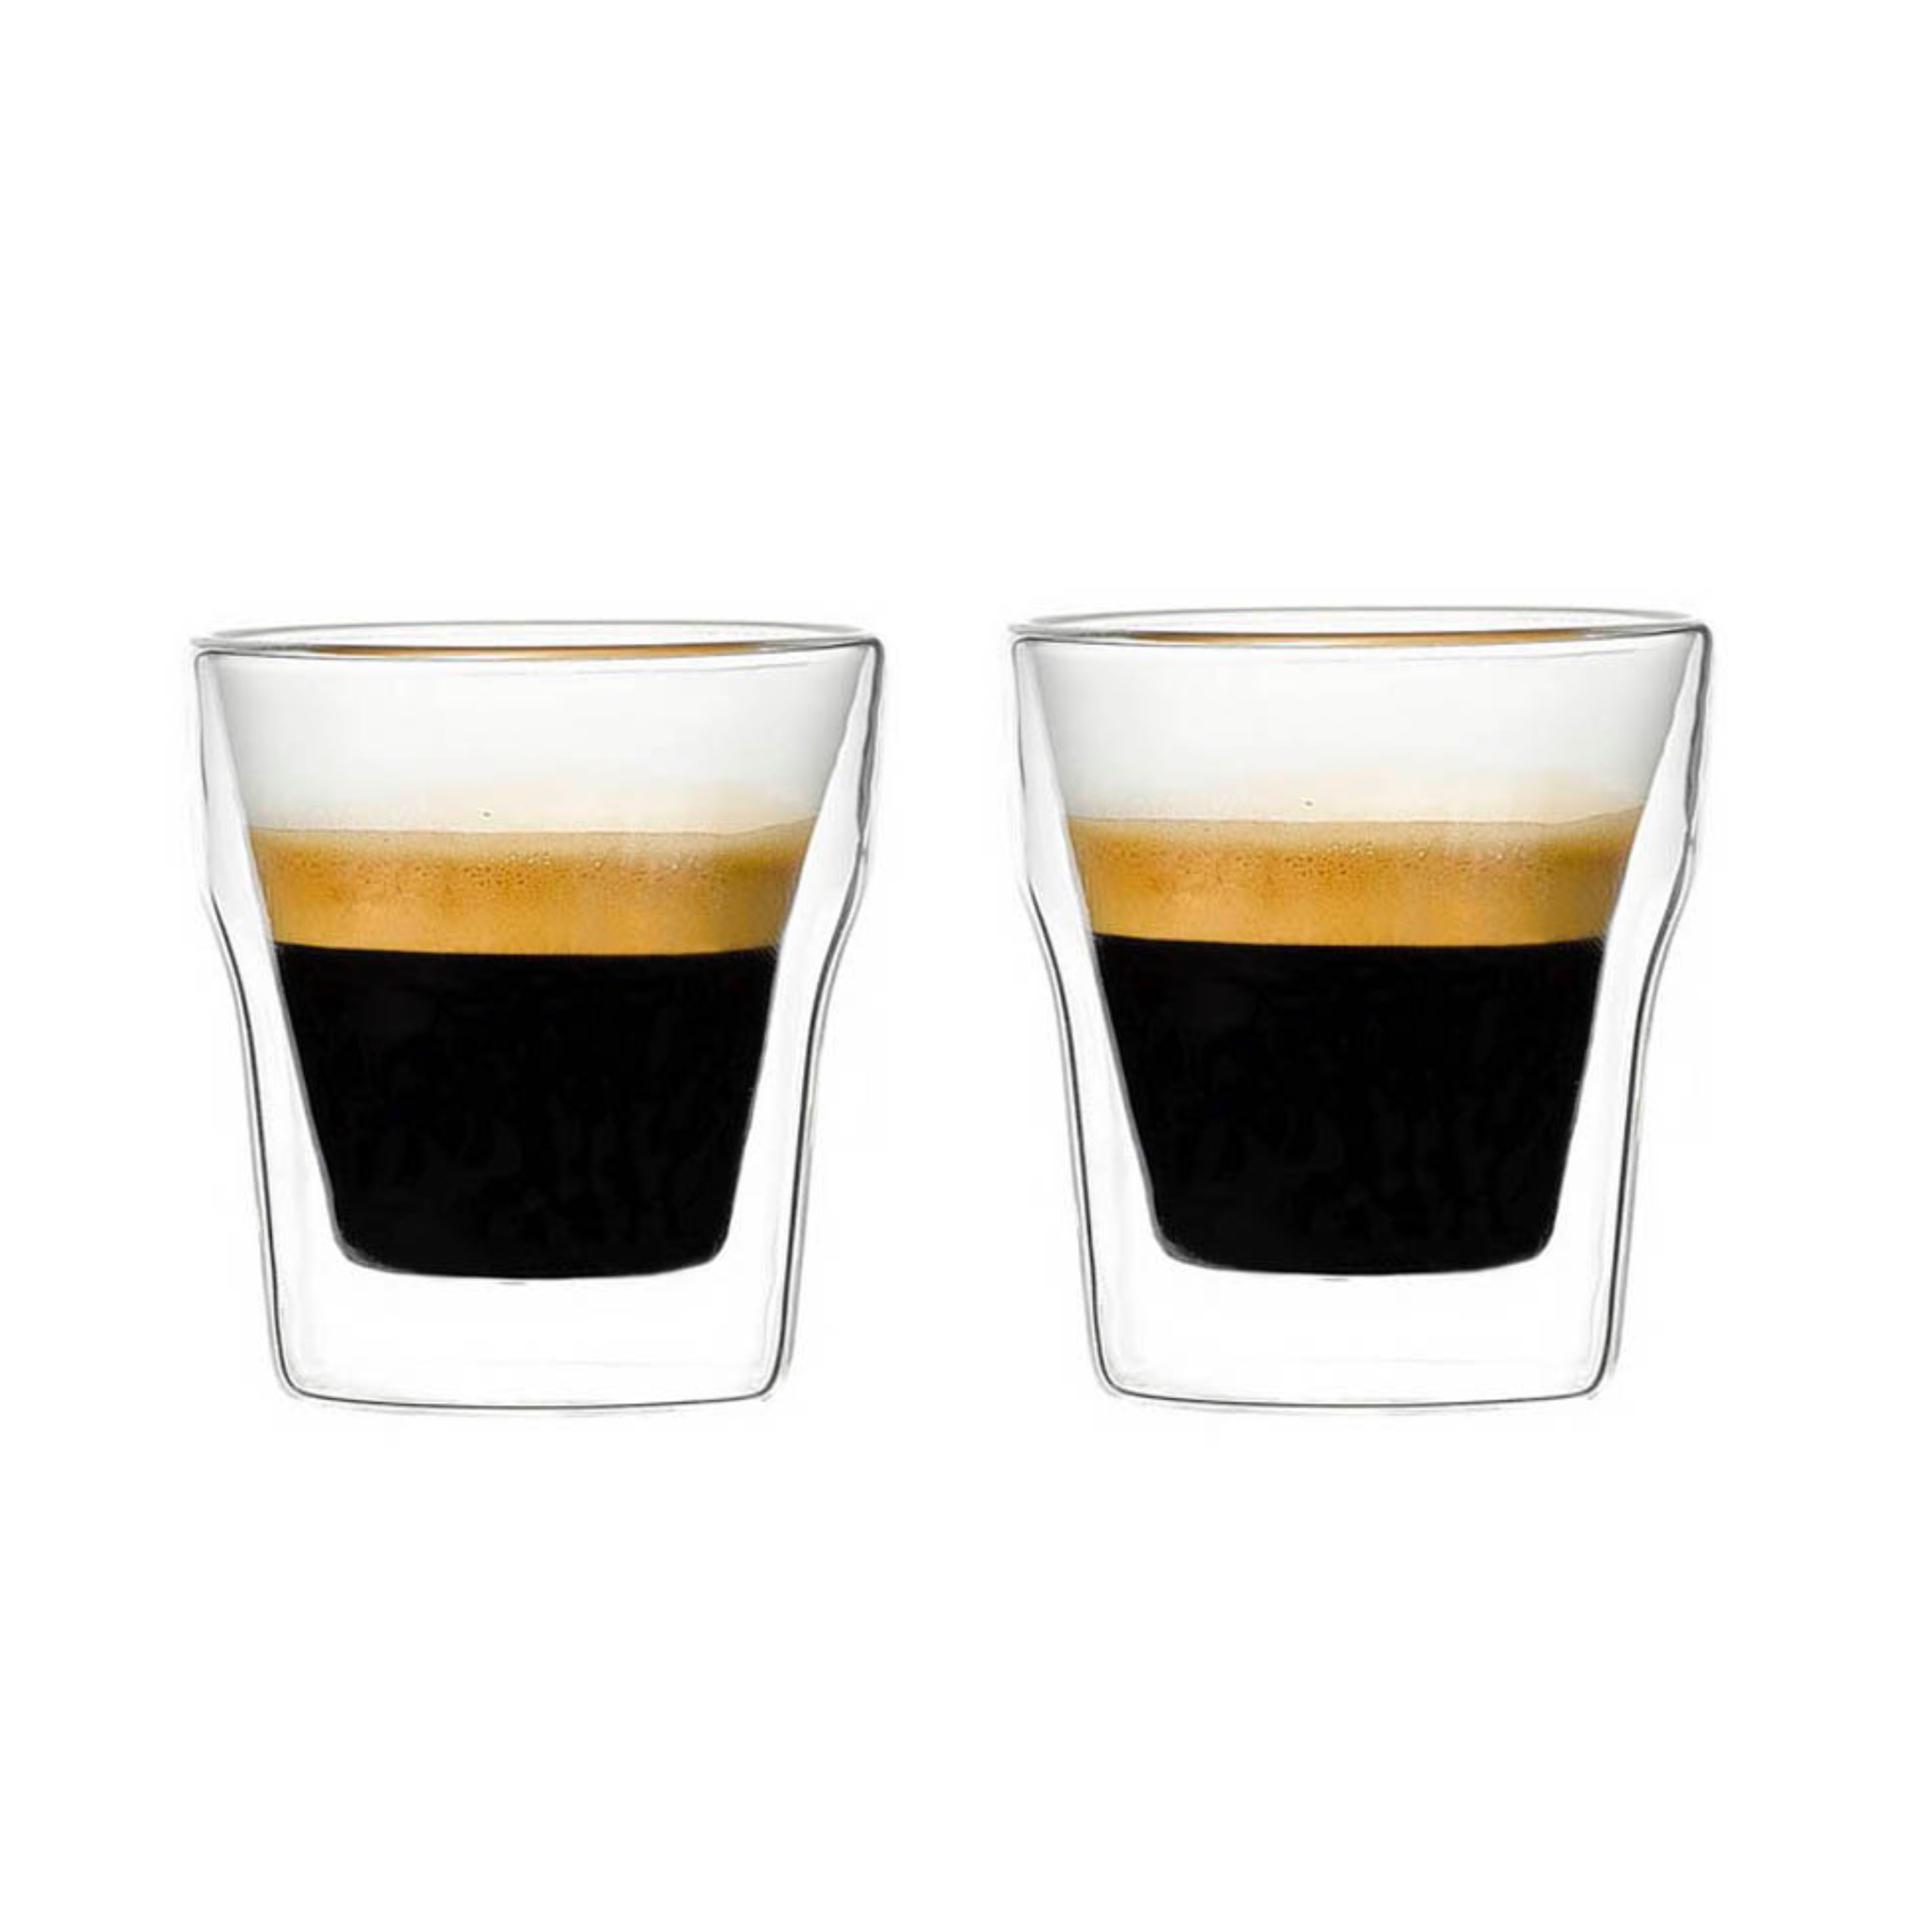 2 Copos de café vidro duplo